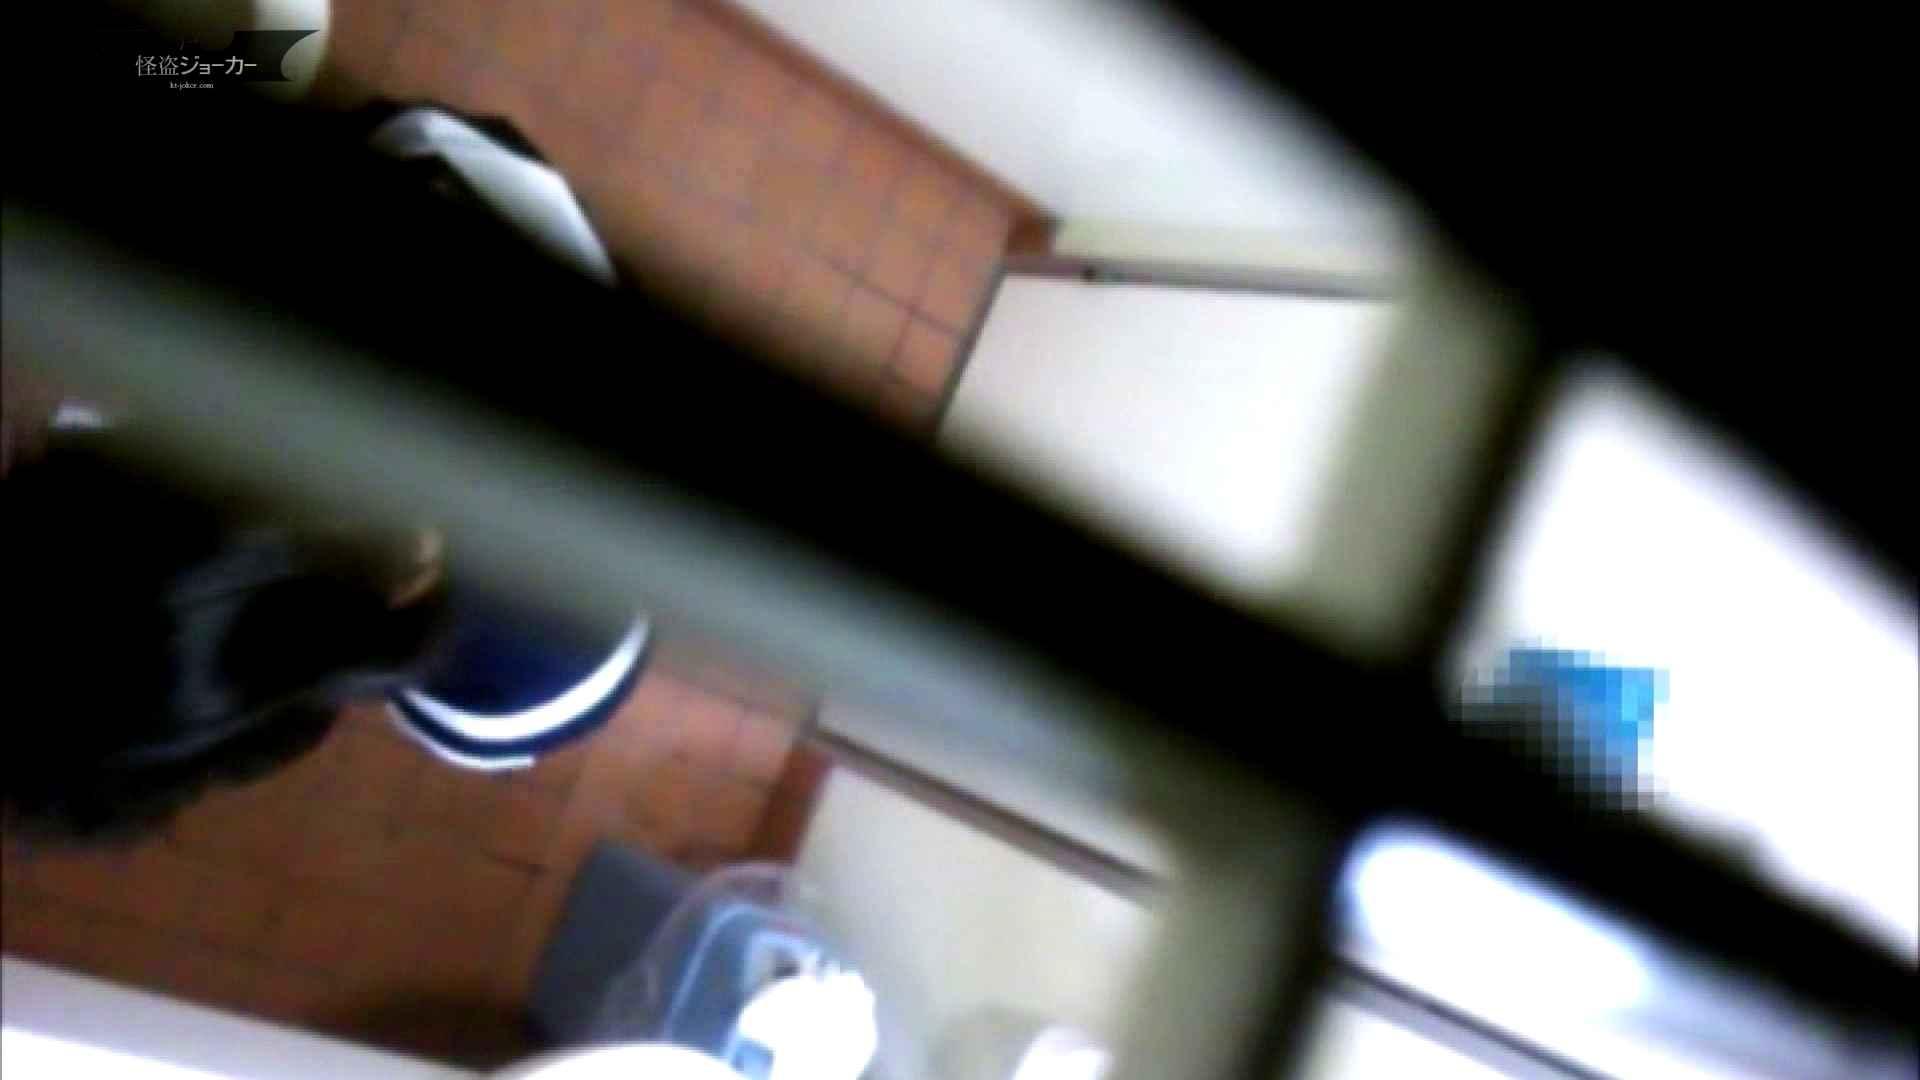 店長代理の盗撮録 Vol.02 制服ばかりをあつめてみました。その2 OL | 盗撮エロすぎ  86連発 81